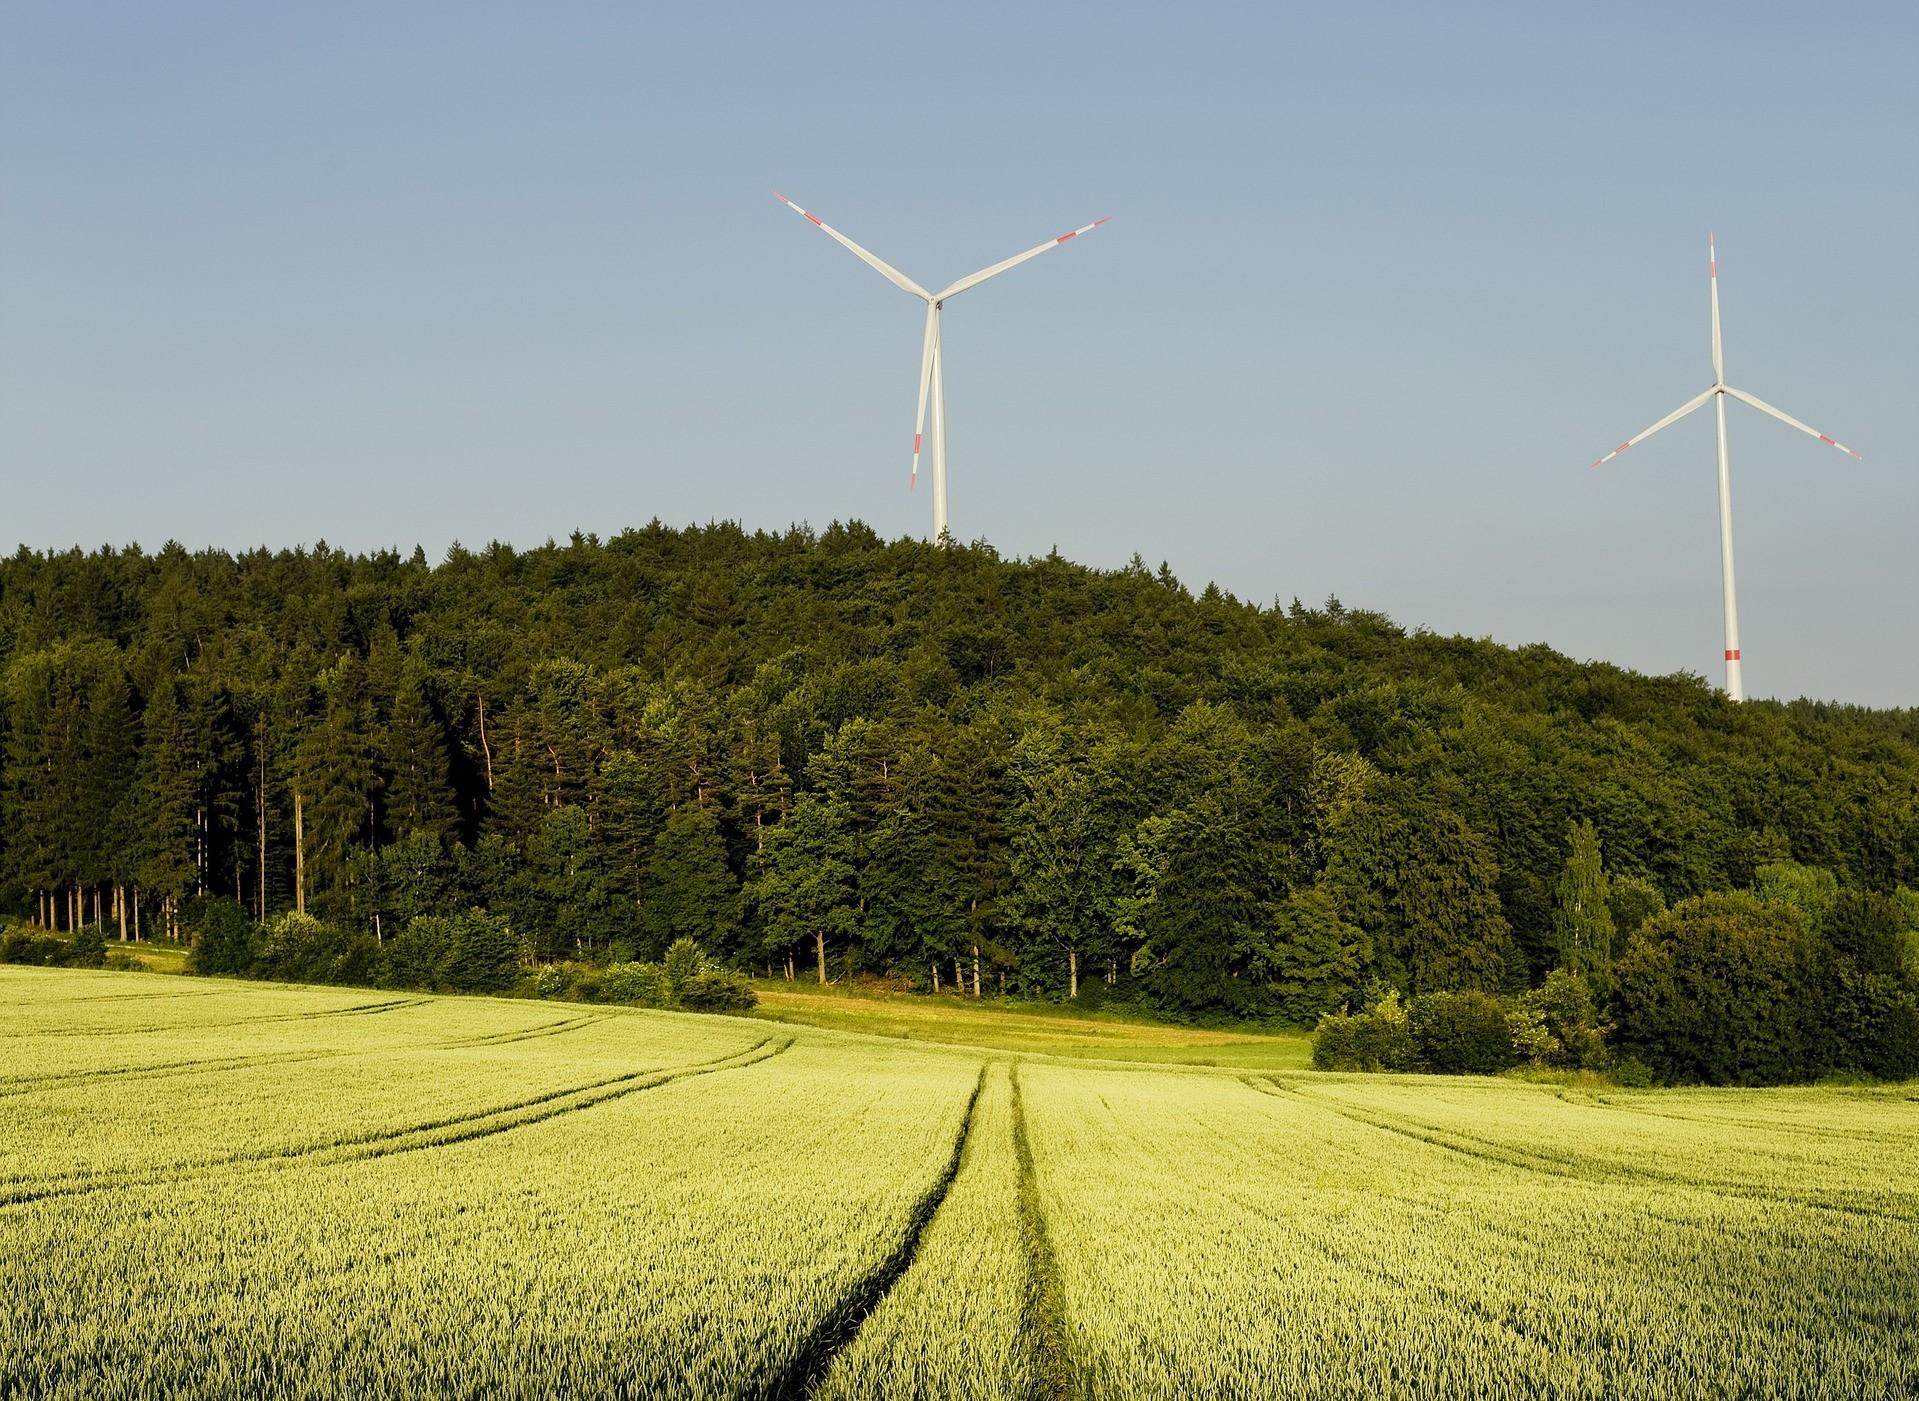 Windenergieanlagen und Landschaft, Bild von andreas160578 auf Pixabay